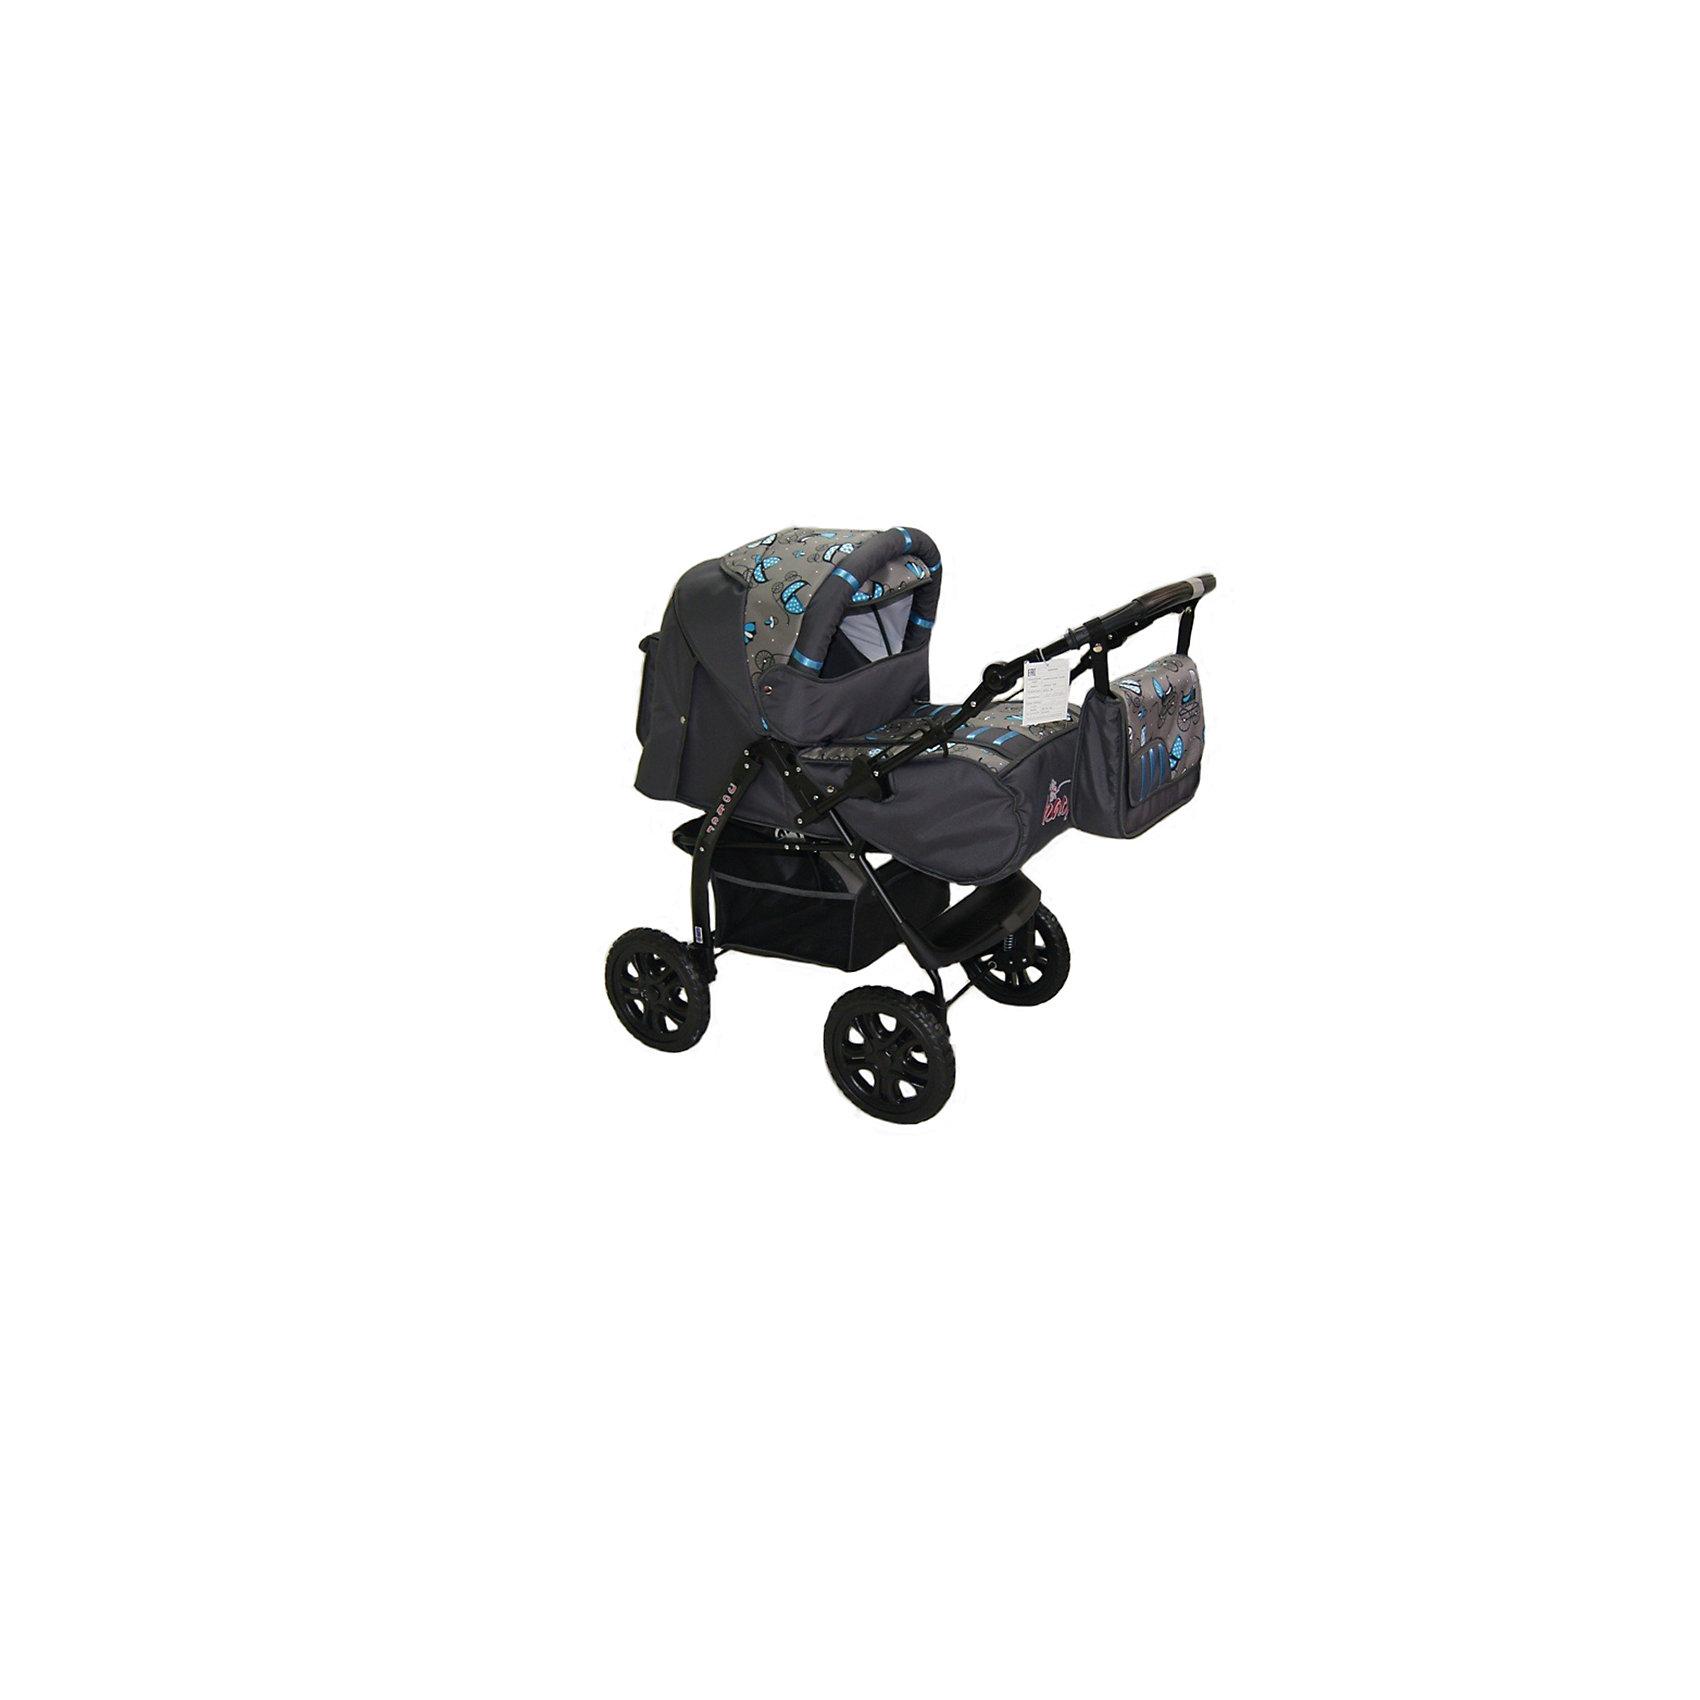 Коляска-трансформер KACPER JOKER КОРАБЛИКИ, серыйКоляски-трансформеры<br>KACPER Коляска JOKER КОЛЯСКИ серый.(рег. ручка, колёса иммит,сумка,дожд,москит)<br><br>Ширина мм: 350<br>Глубина мм: 950<br>Высота мм: 620<br>Вес г: 15000<br>Возраст от месяцев: -2147483648<br>Возраст до месяцев: 2147483647<br>Пол: Унисекс<br>Возраст: Детский<br>SKU: 5500212